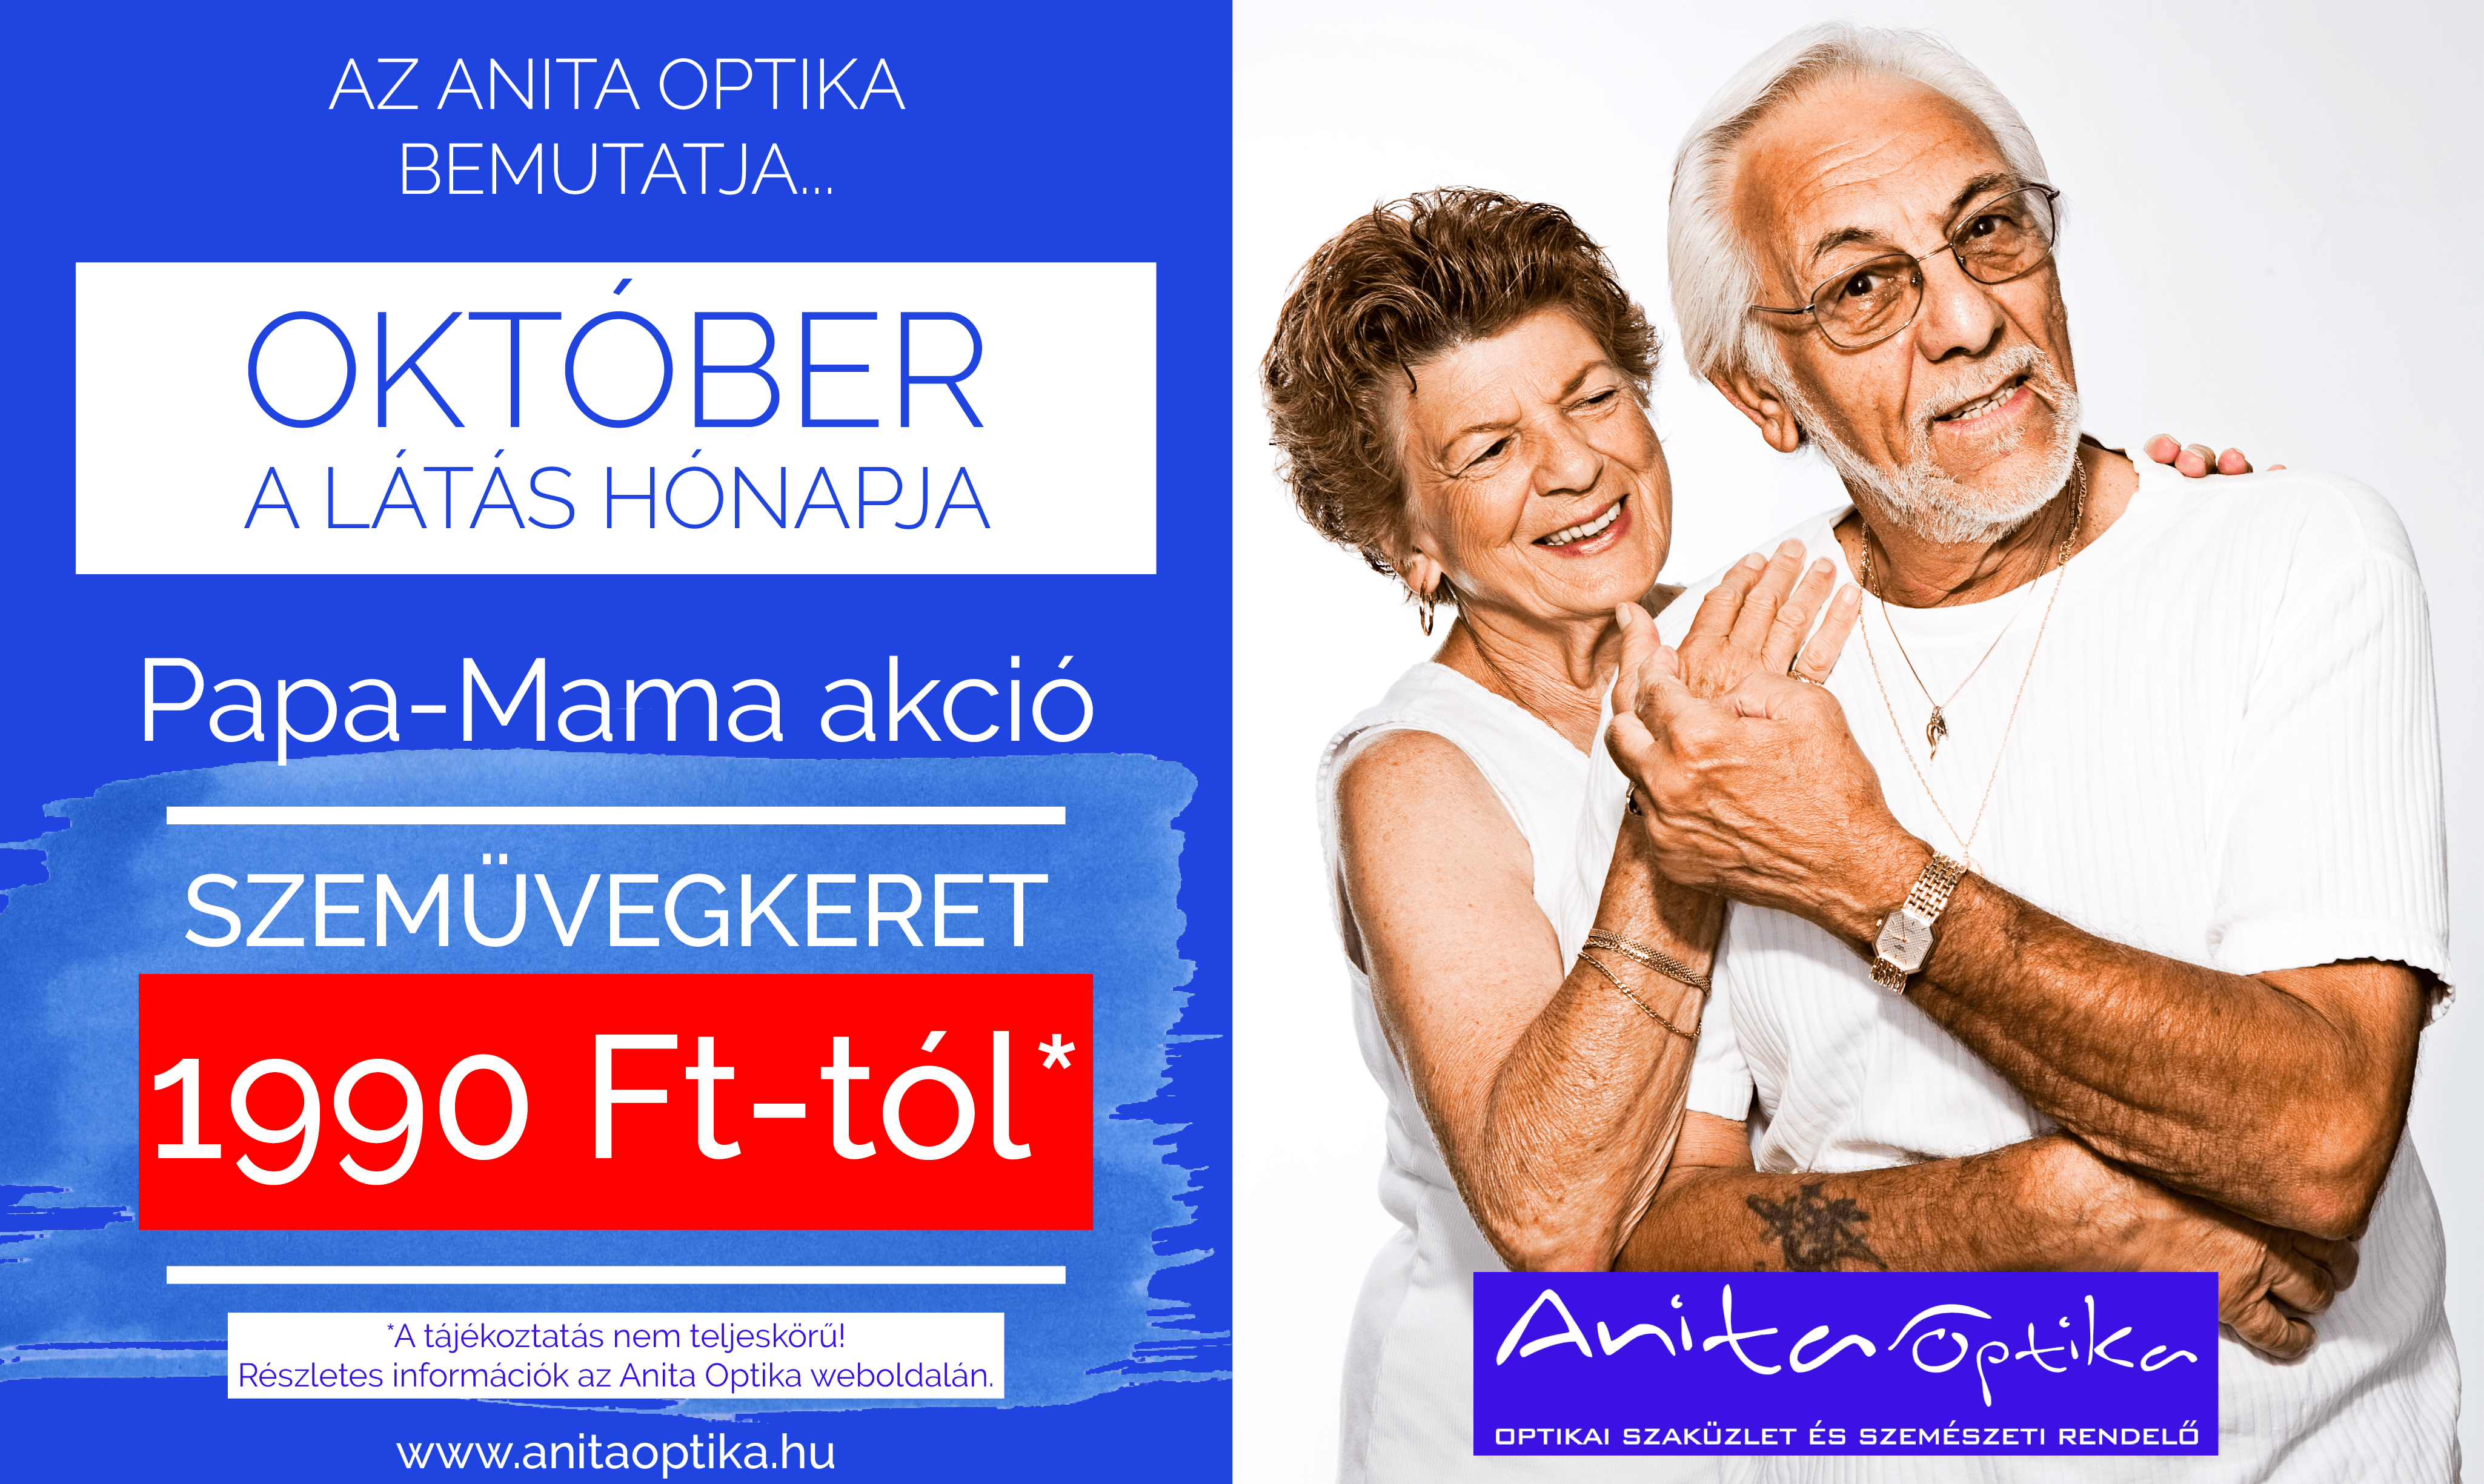 LÁTÁS HÓNAPJA 2018 - Anita Optika b9803c3934